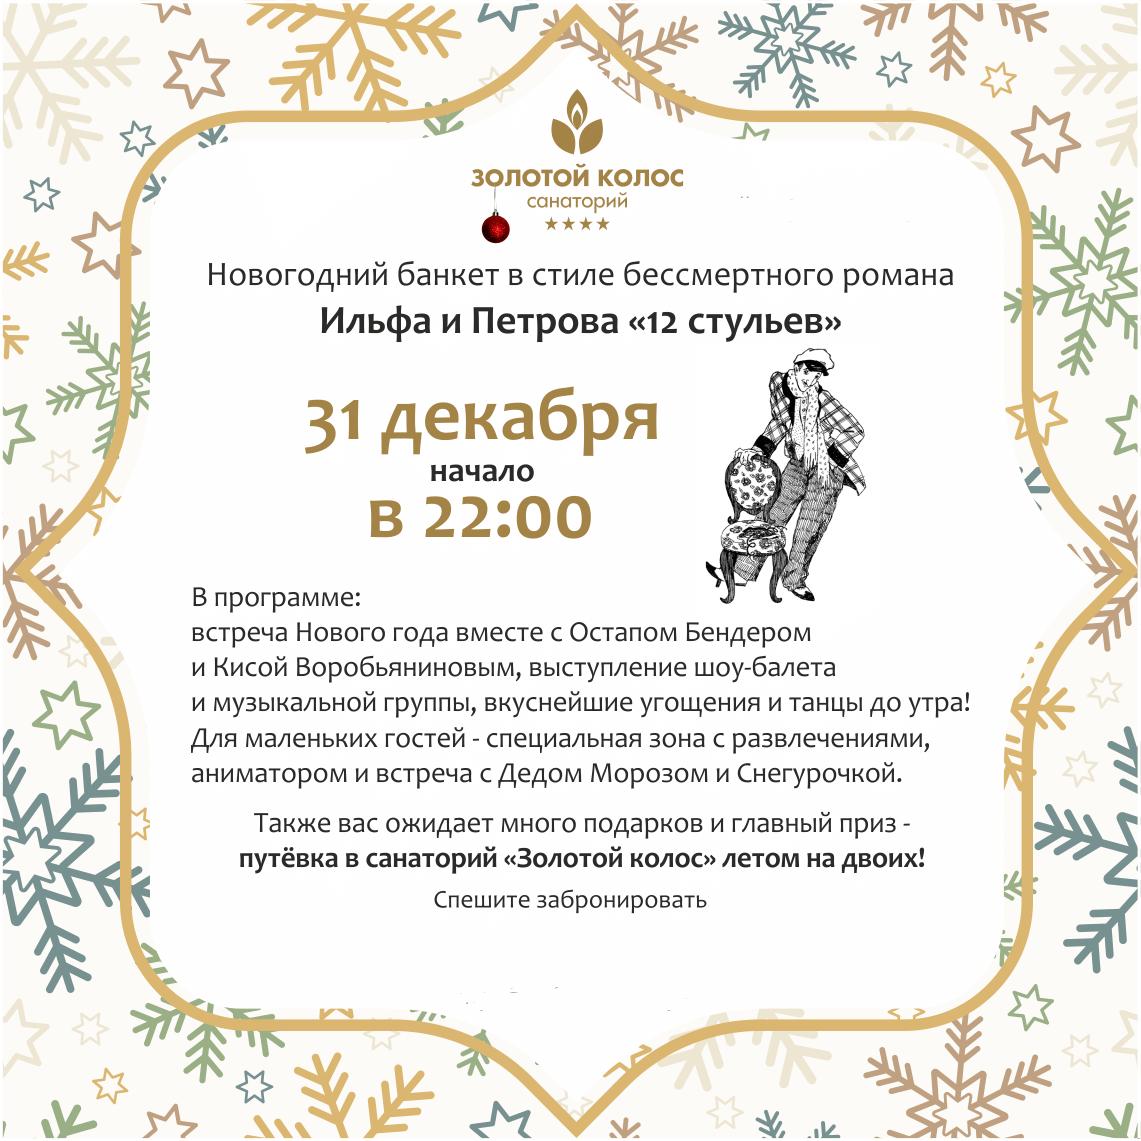 """НГ в санатории """"Золотой колос"""" (4, звезды, Сочи)"""